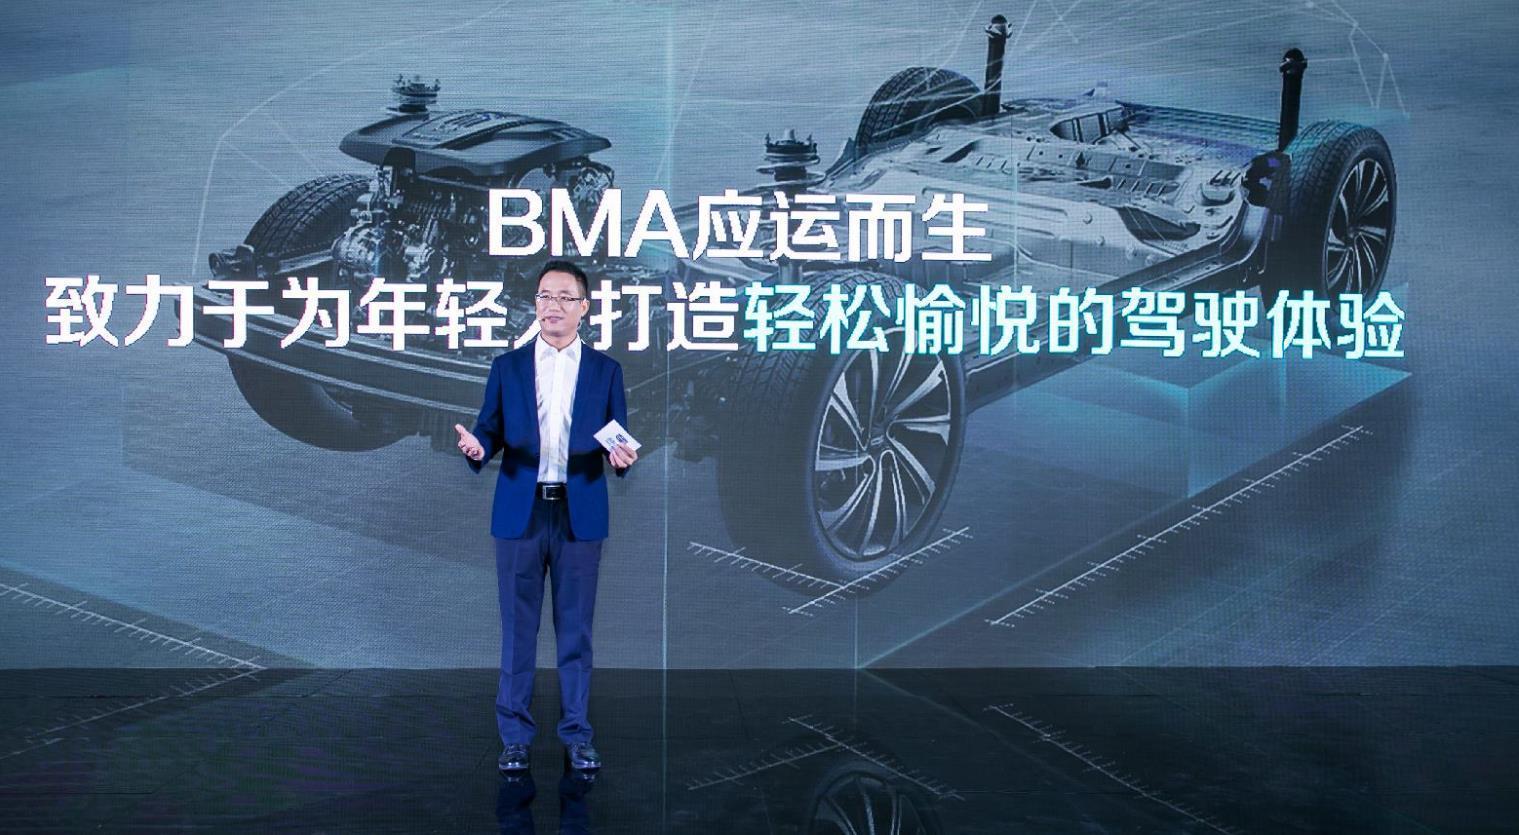 中国品牌新高度 吉利引领中国汽车步入模块化时代